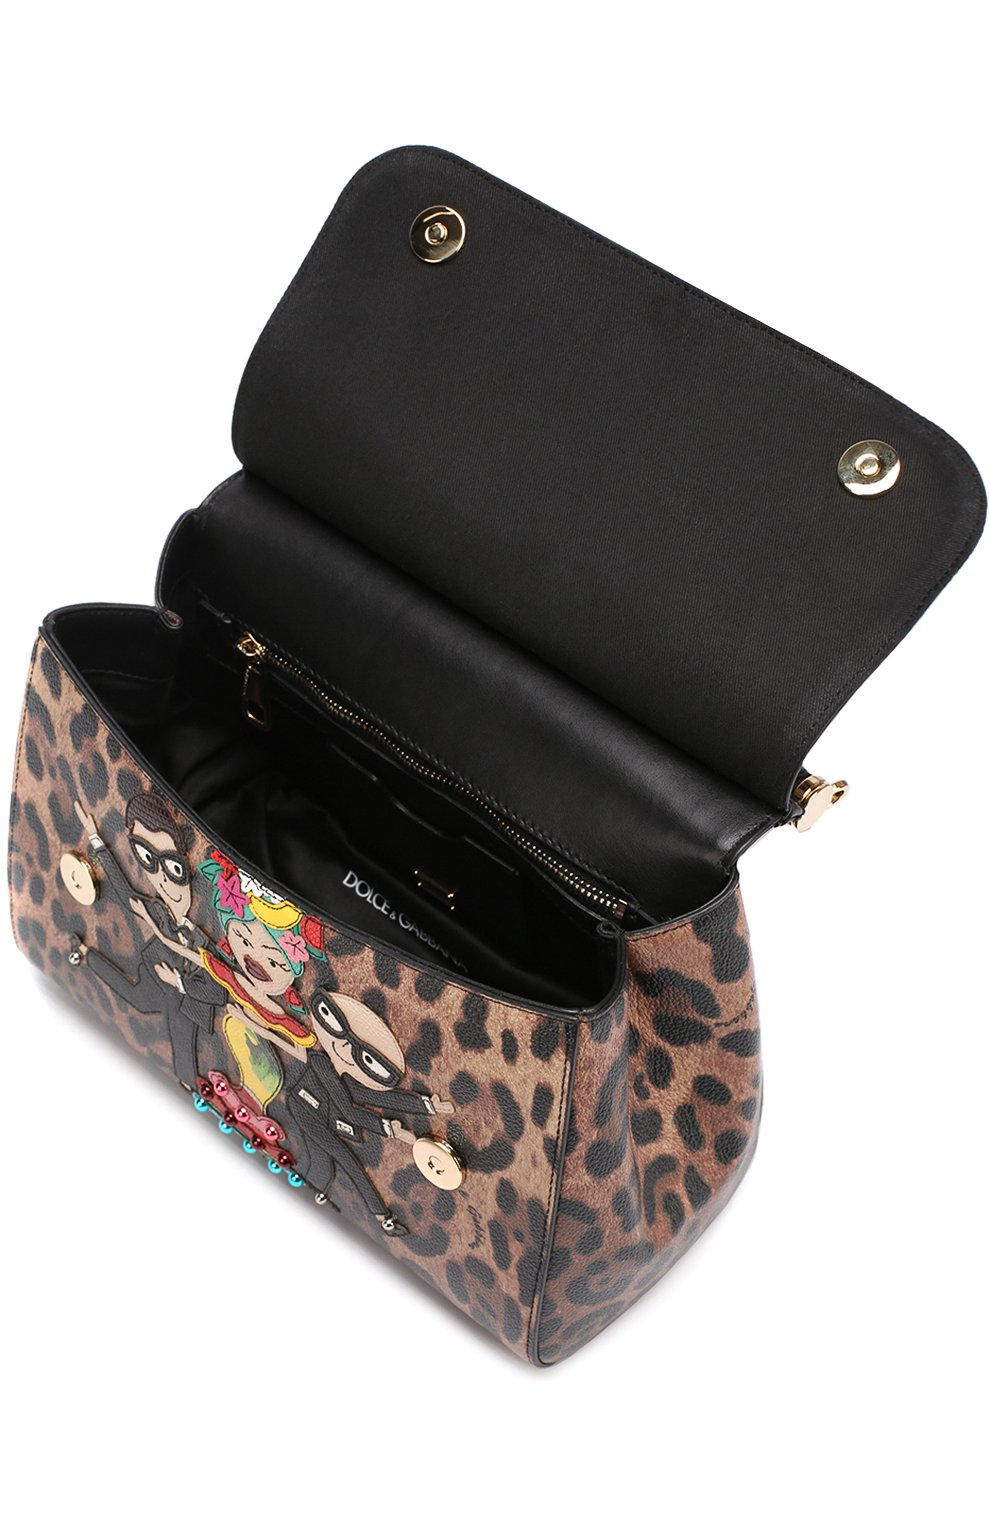 Сумка Sicily medium new с аппликацией DG Family Dolce & Gabbana леопардовая цвета | Фото №4